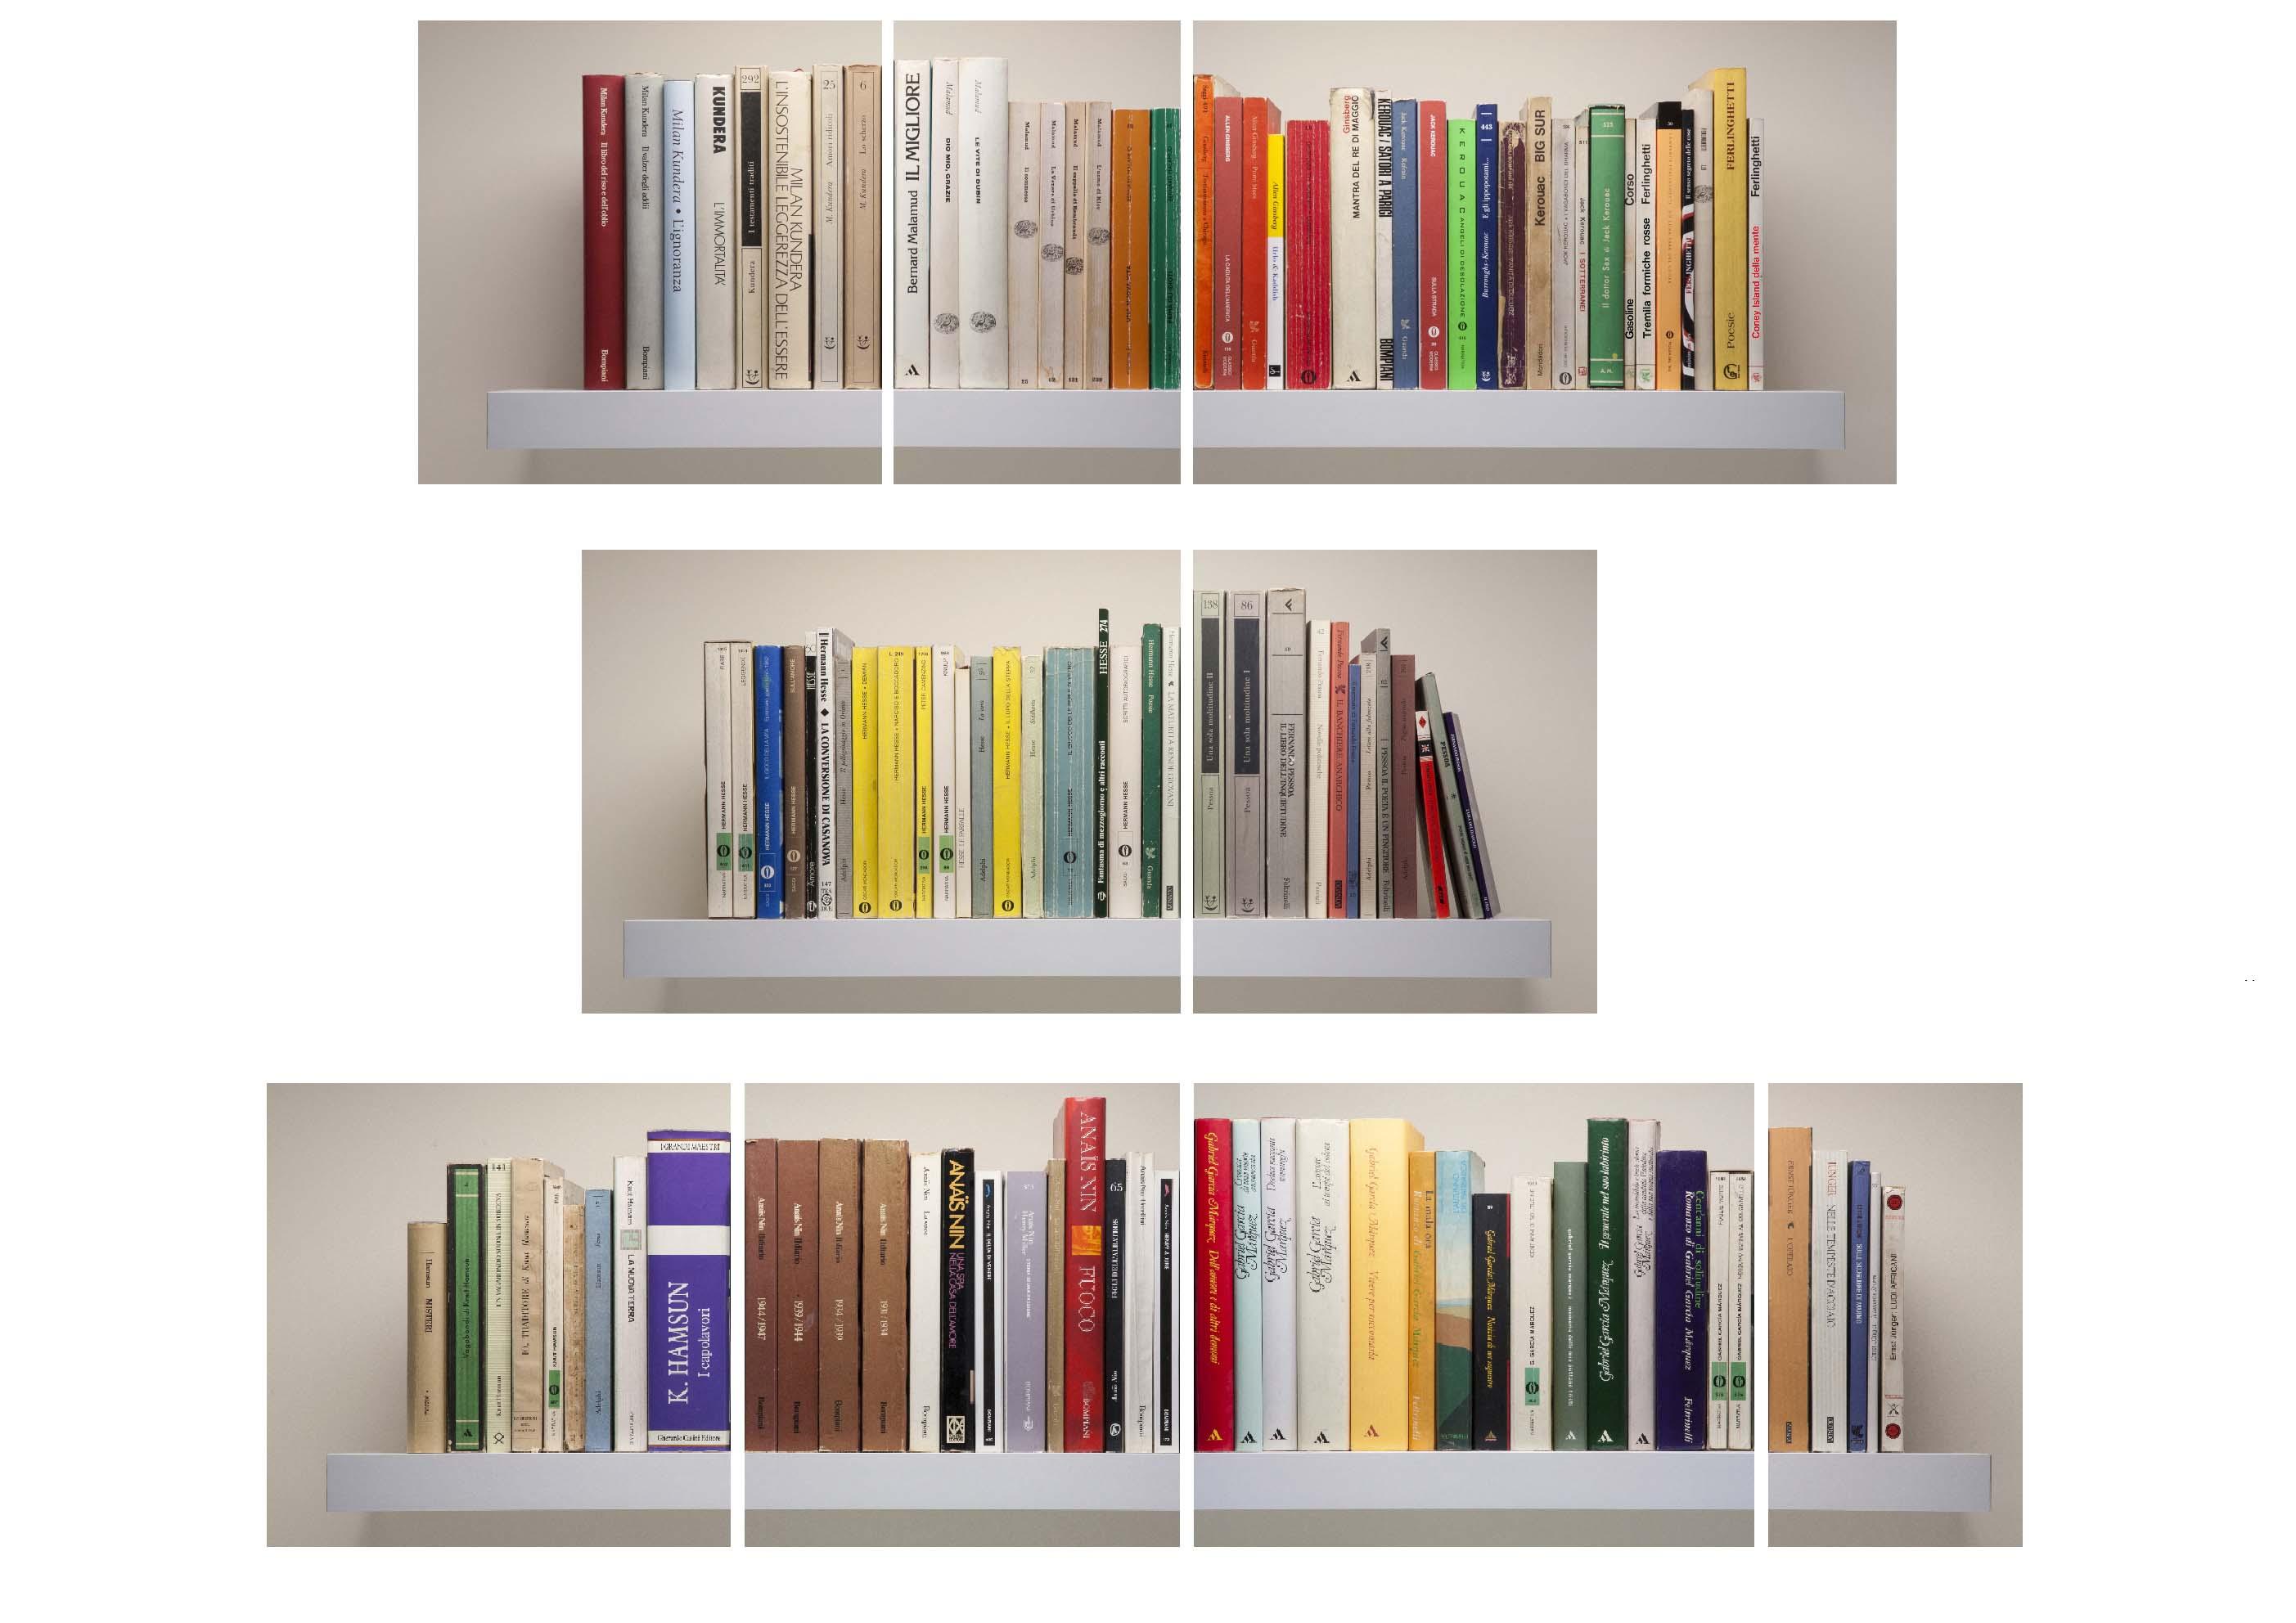 -1- combinazione libreria -1-